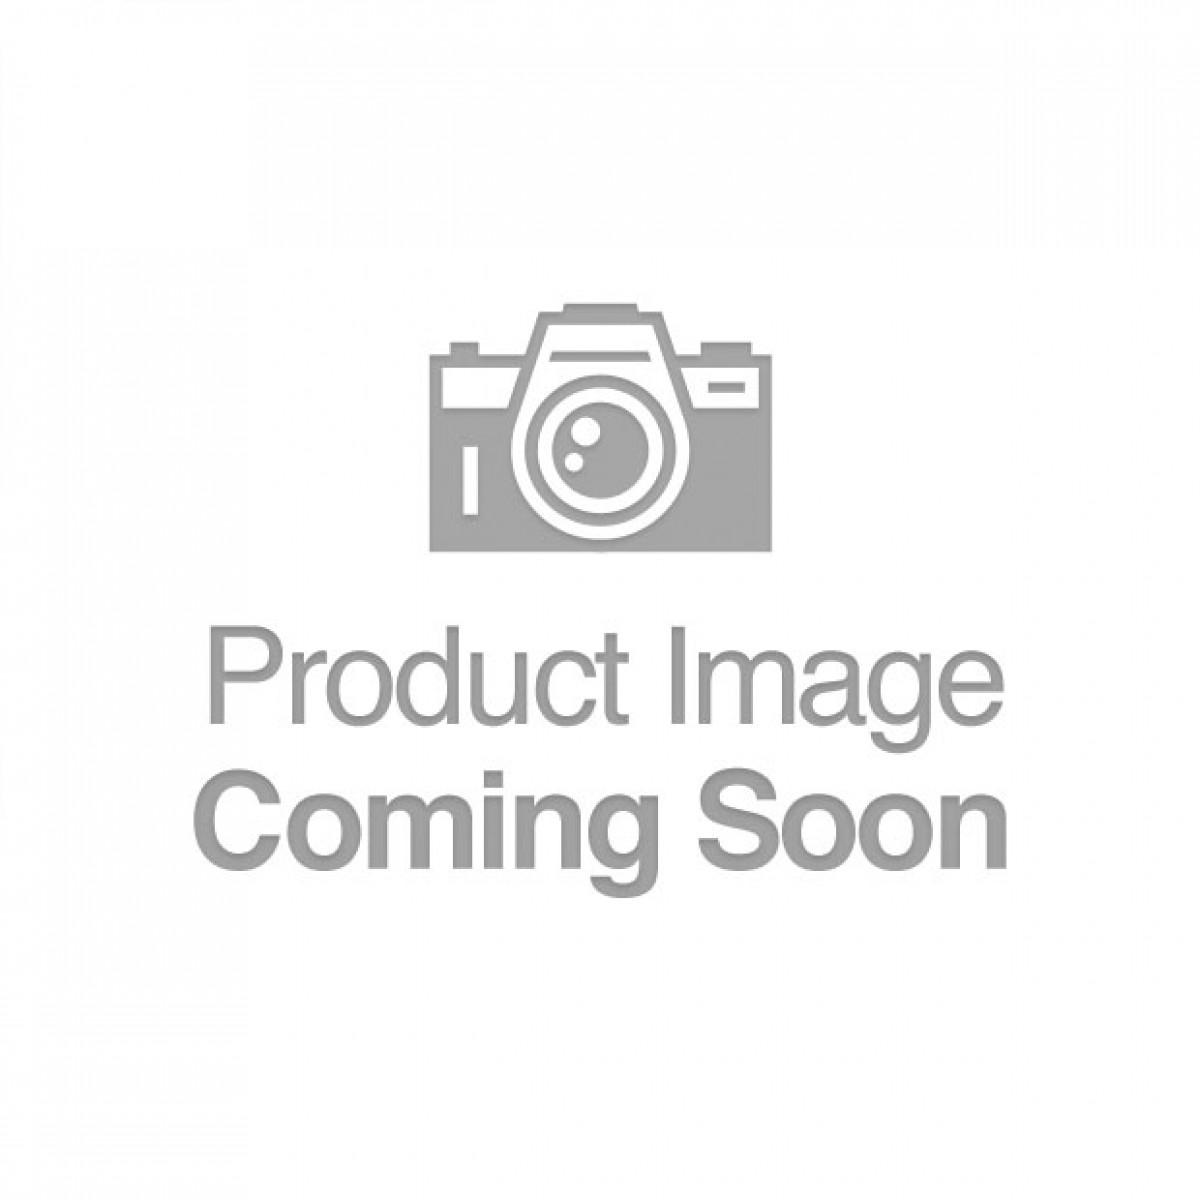 Eclipse Wristband Remote Pulsing Probe - Black